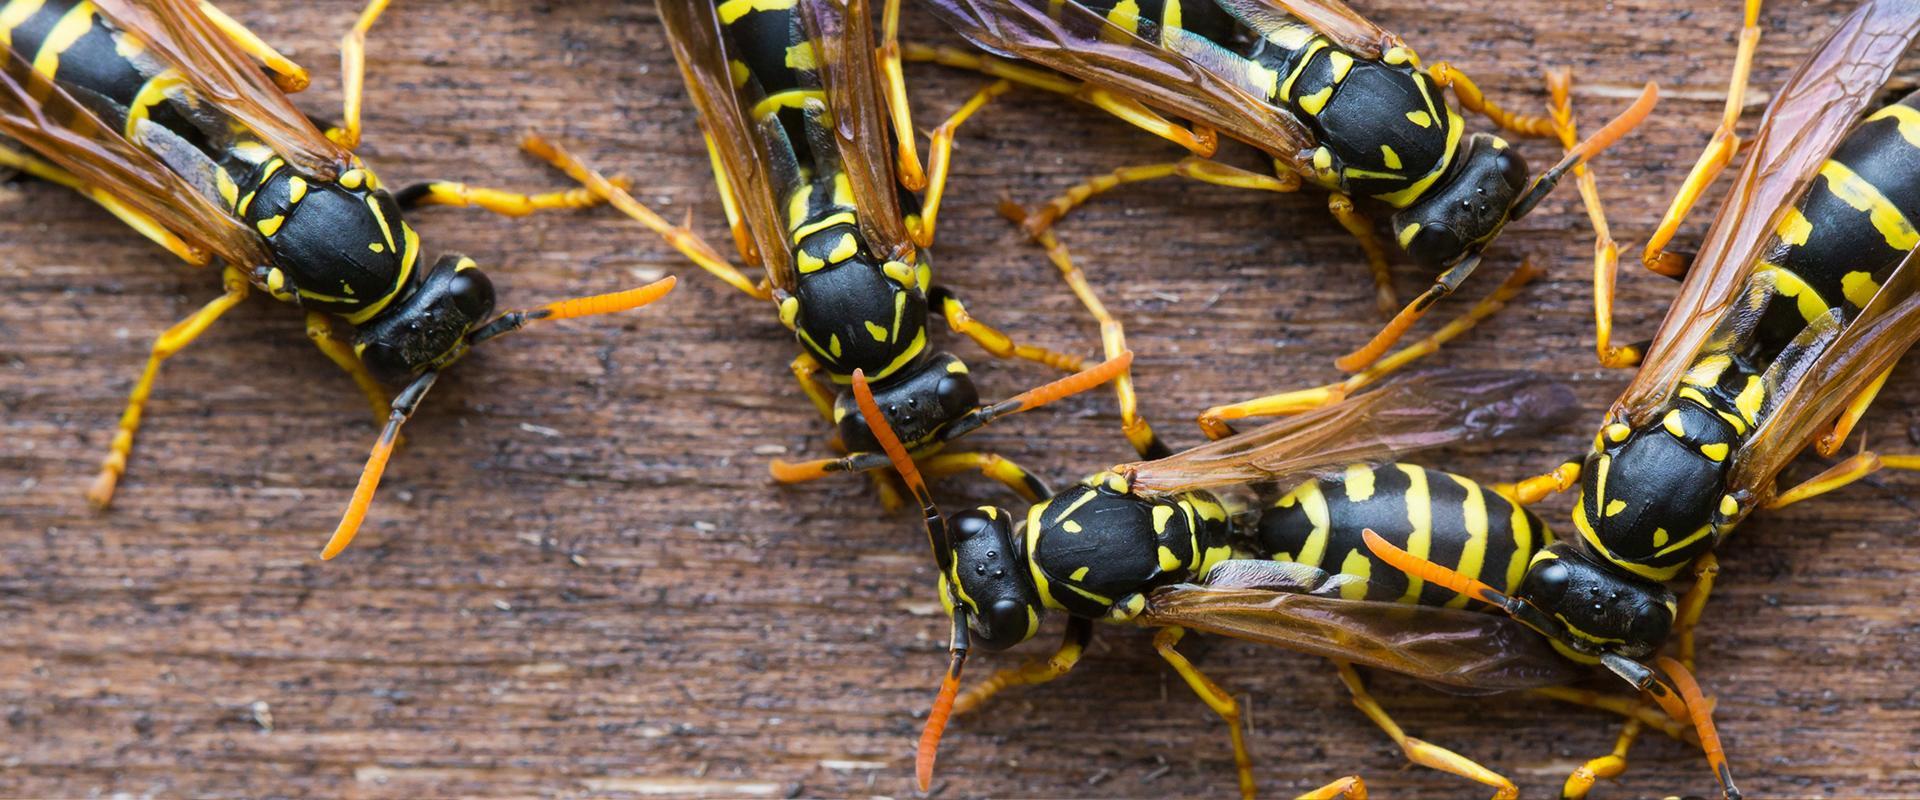 wasp gathered on wood